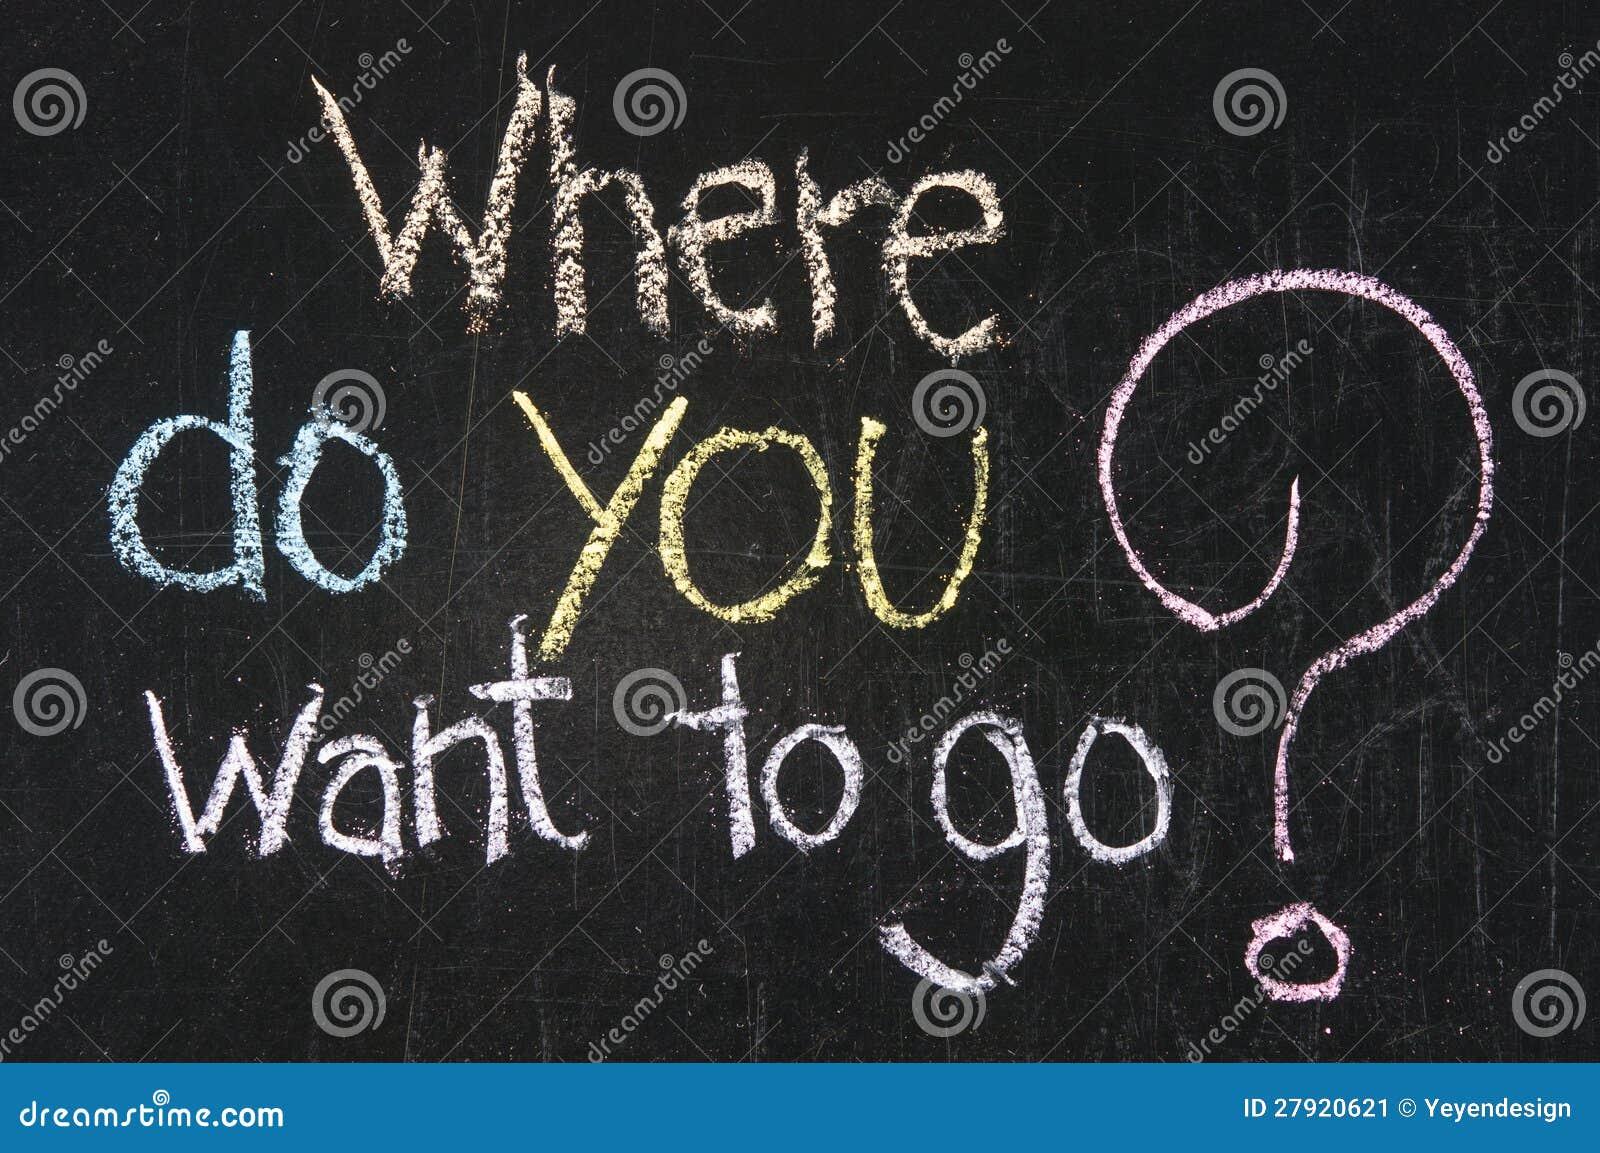 您在哪里想要去?